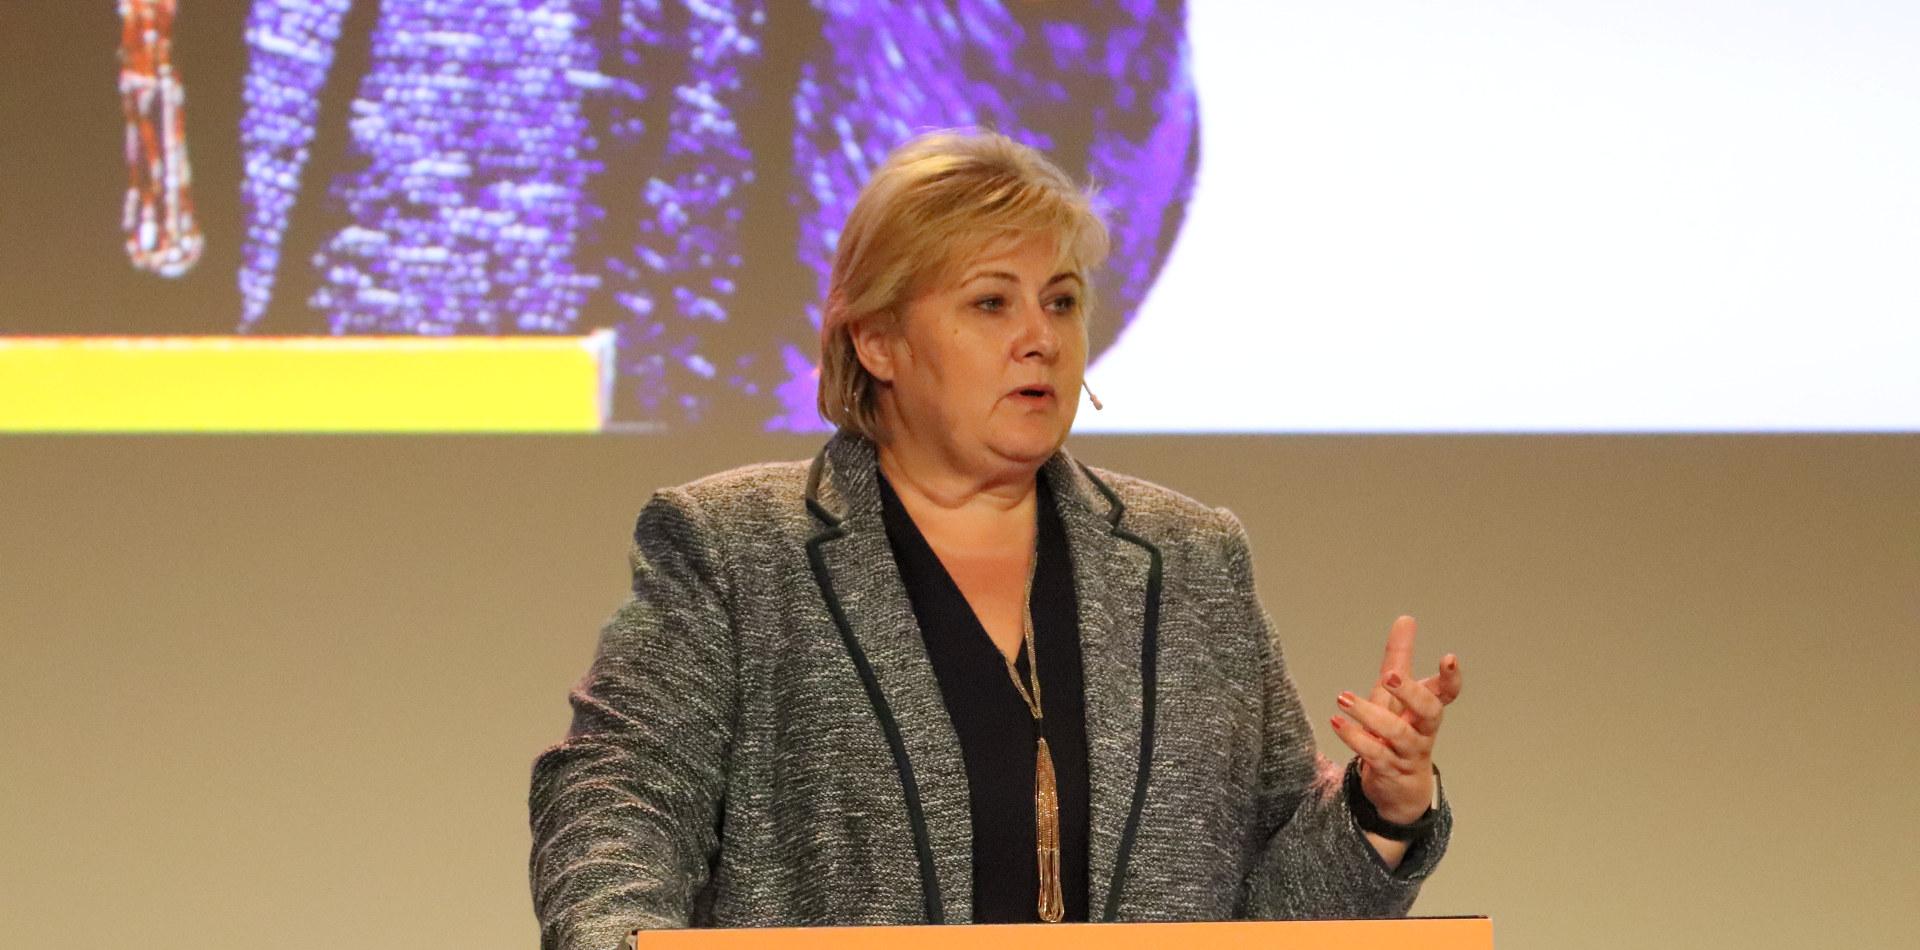 Erna Solberg på Industrikonferansen 2019.